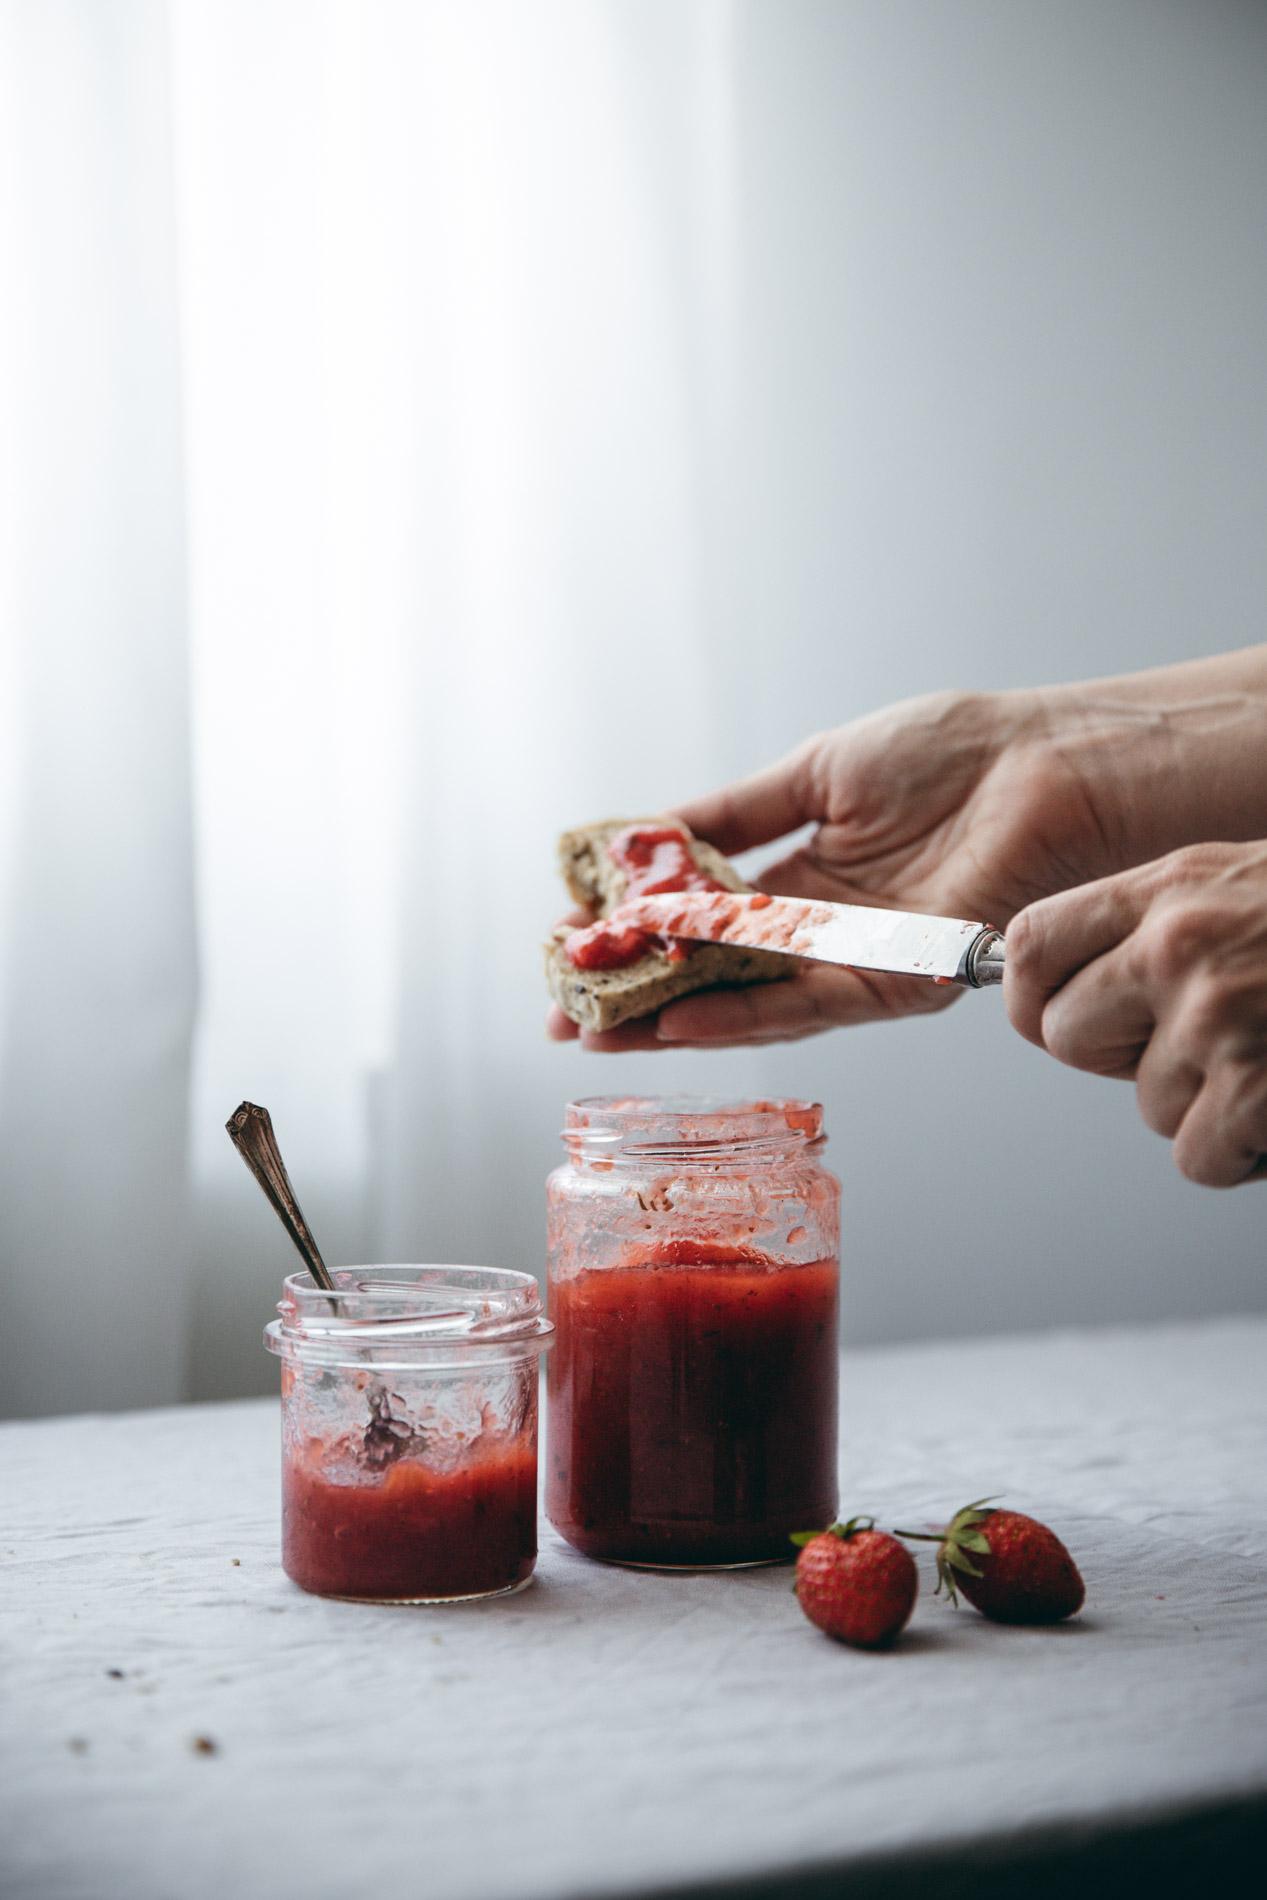 Frühstück mit selbstgemachter Rhabarber-Erdbeer-Marmelade.